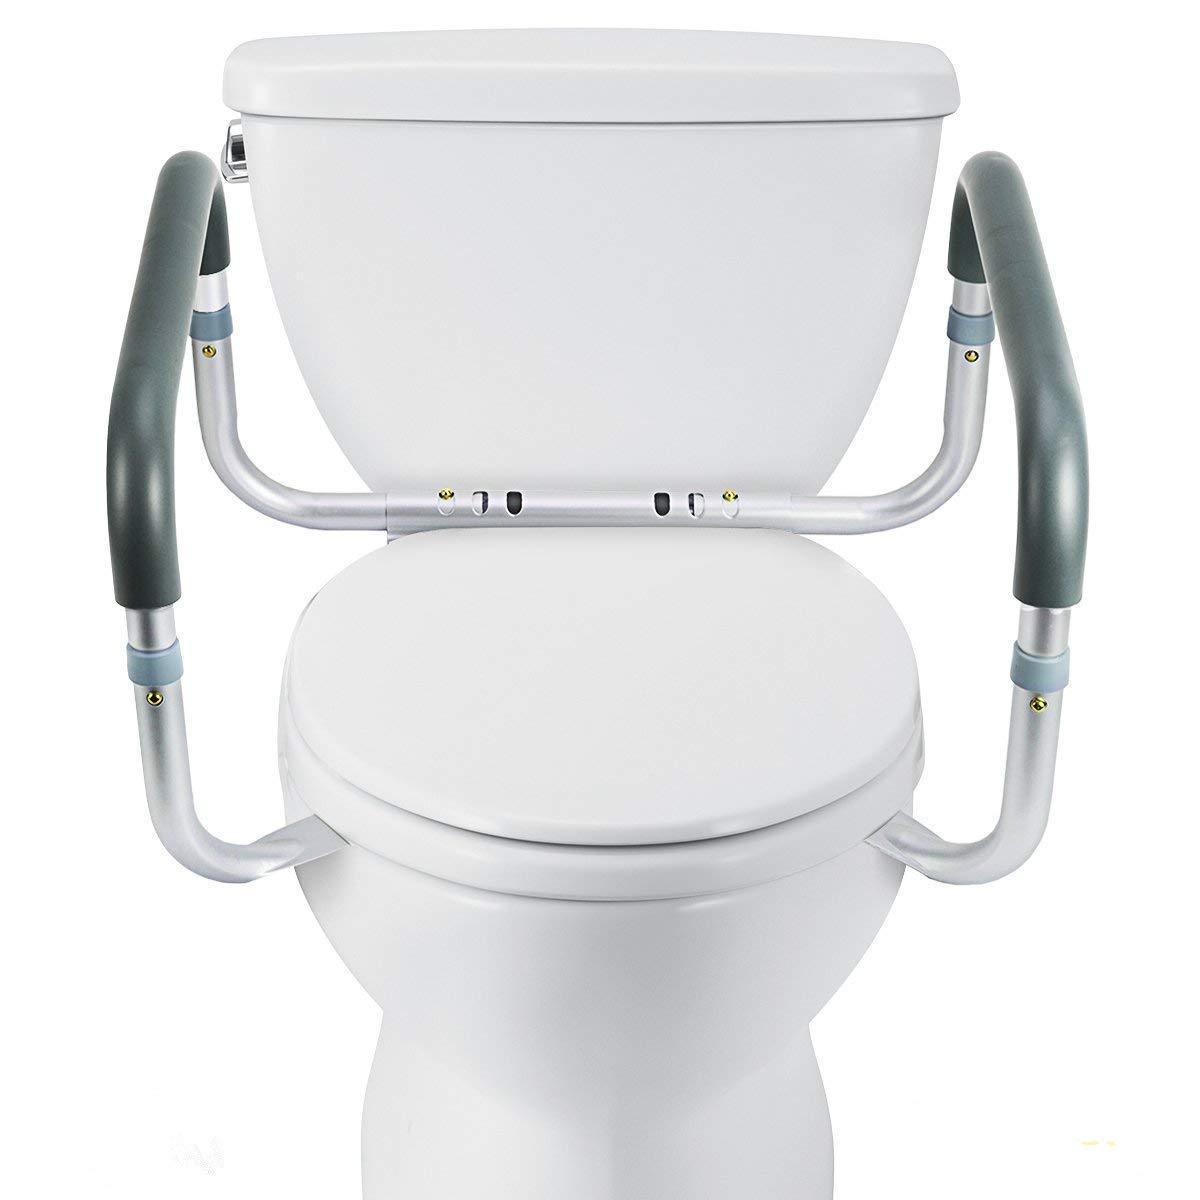 Oasisspace Medical Toilet Safety Frame Adjustable